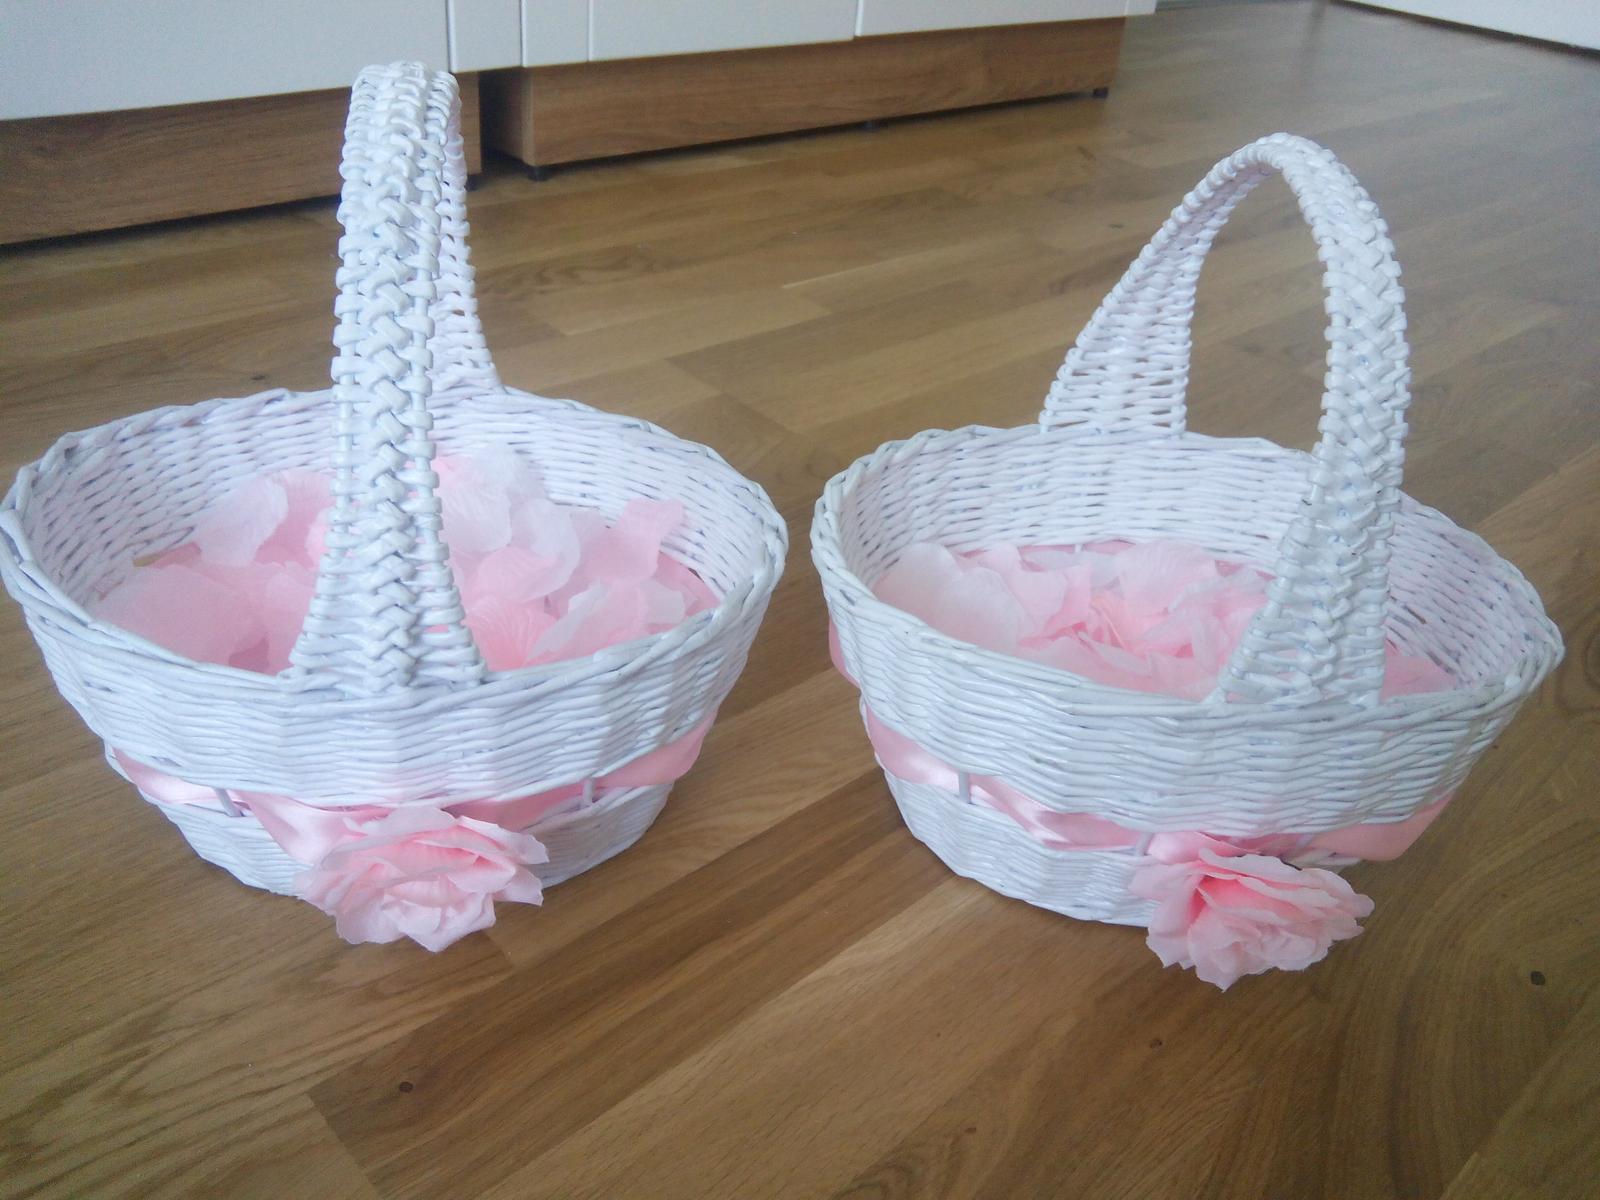 Košíček s ružovými a bielymi lupienkami - Obrázok č. 1